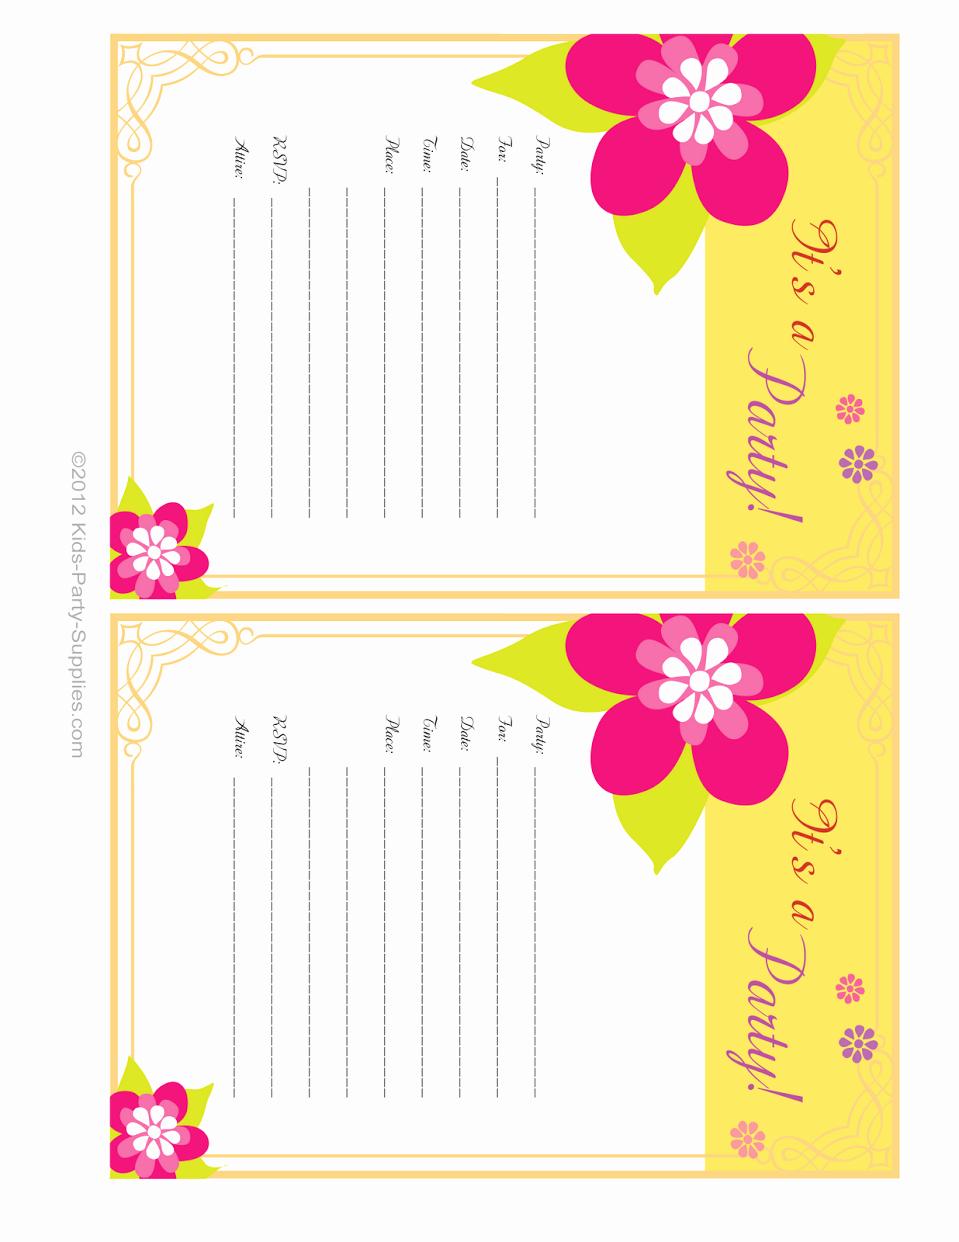 Hawaiian theme Party Invitations Printable Luxury Hawaiian Party Invitations Free Printable